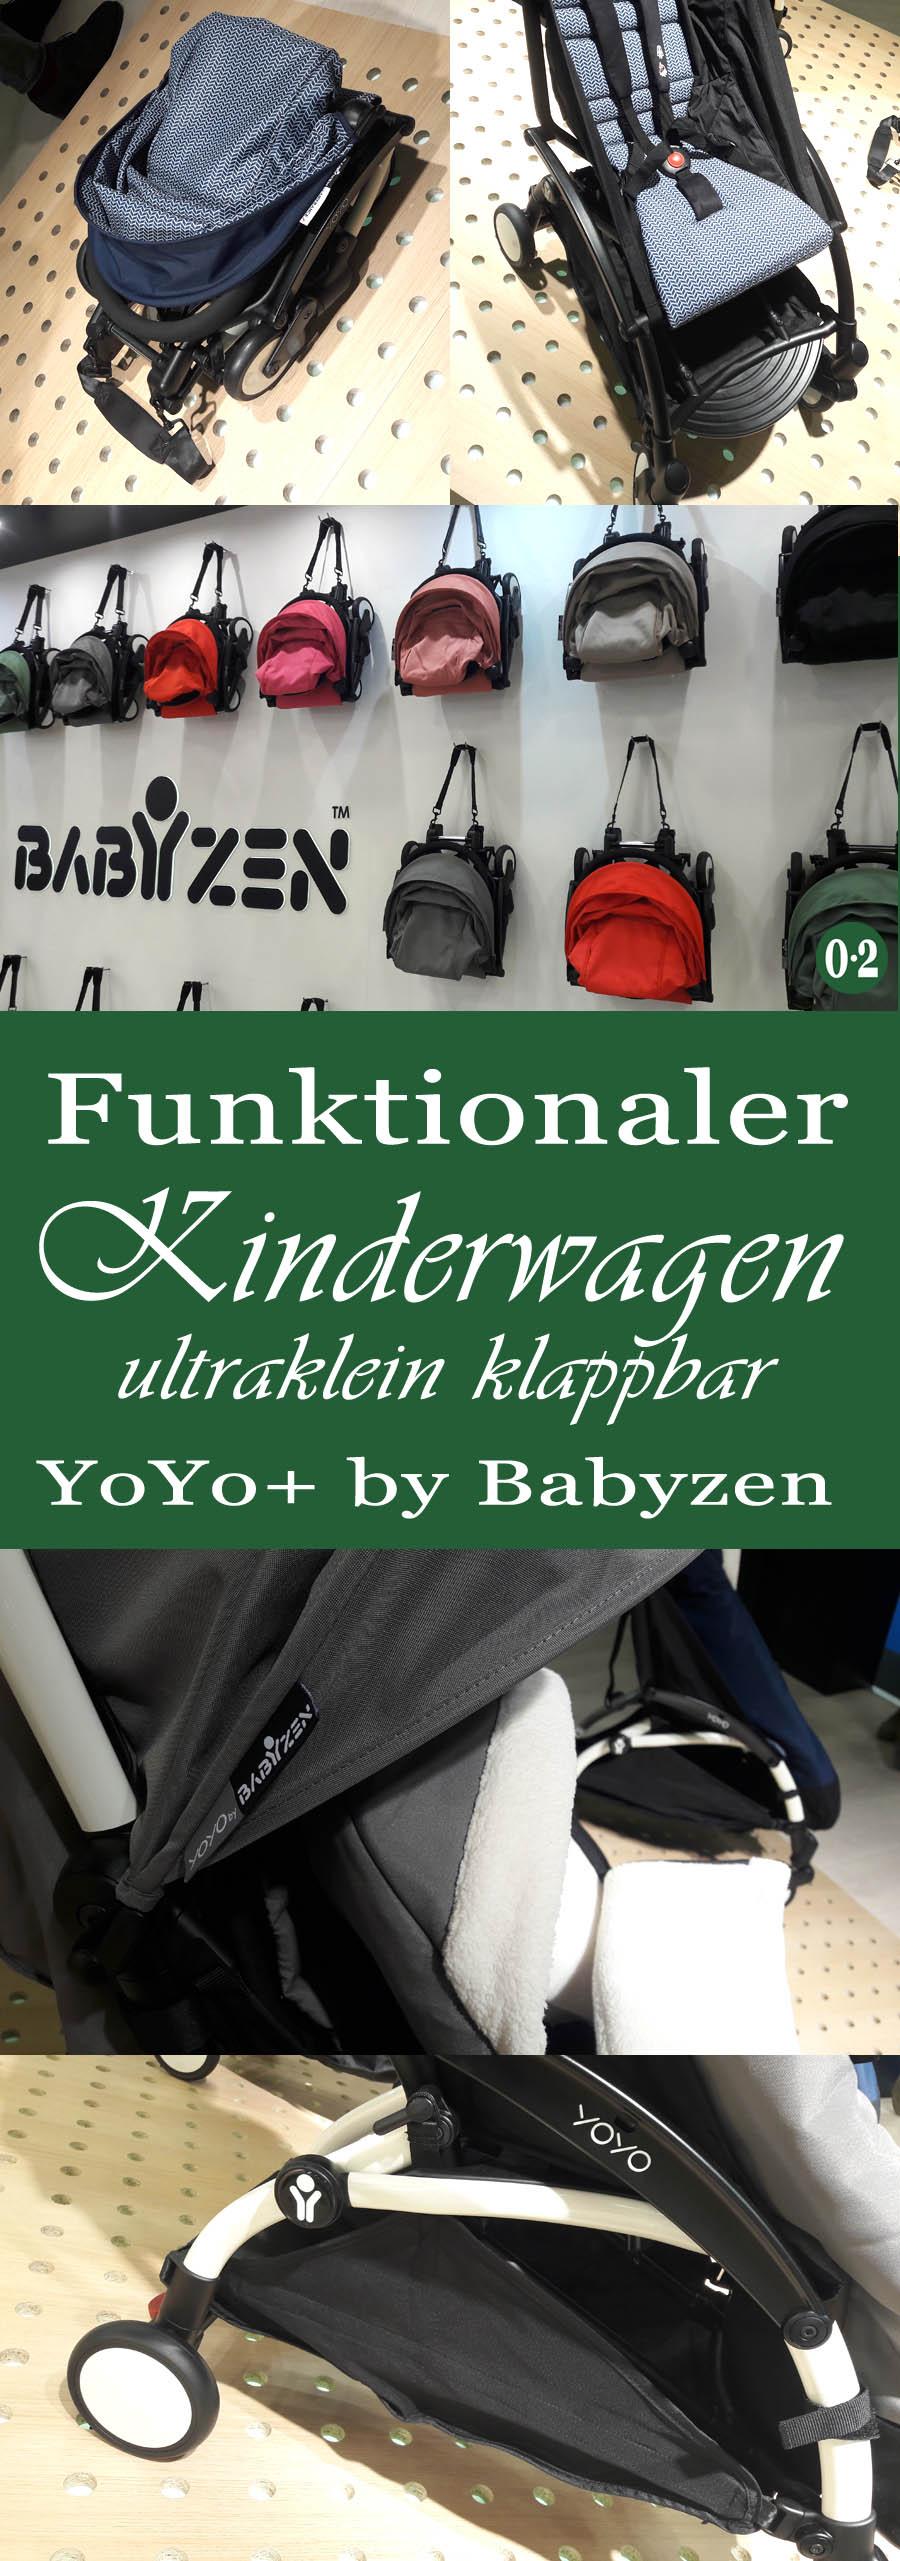 Mit Kindern zuhause & unterwegs -Trends 2018: Funktionalität bei YoYo+von Babyzen | www.nullpunktzwo.de